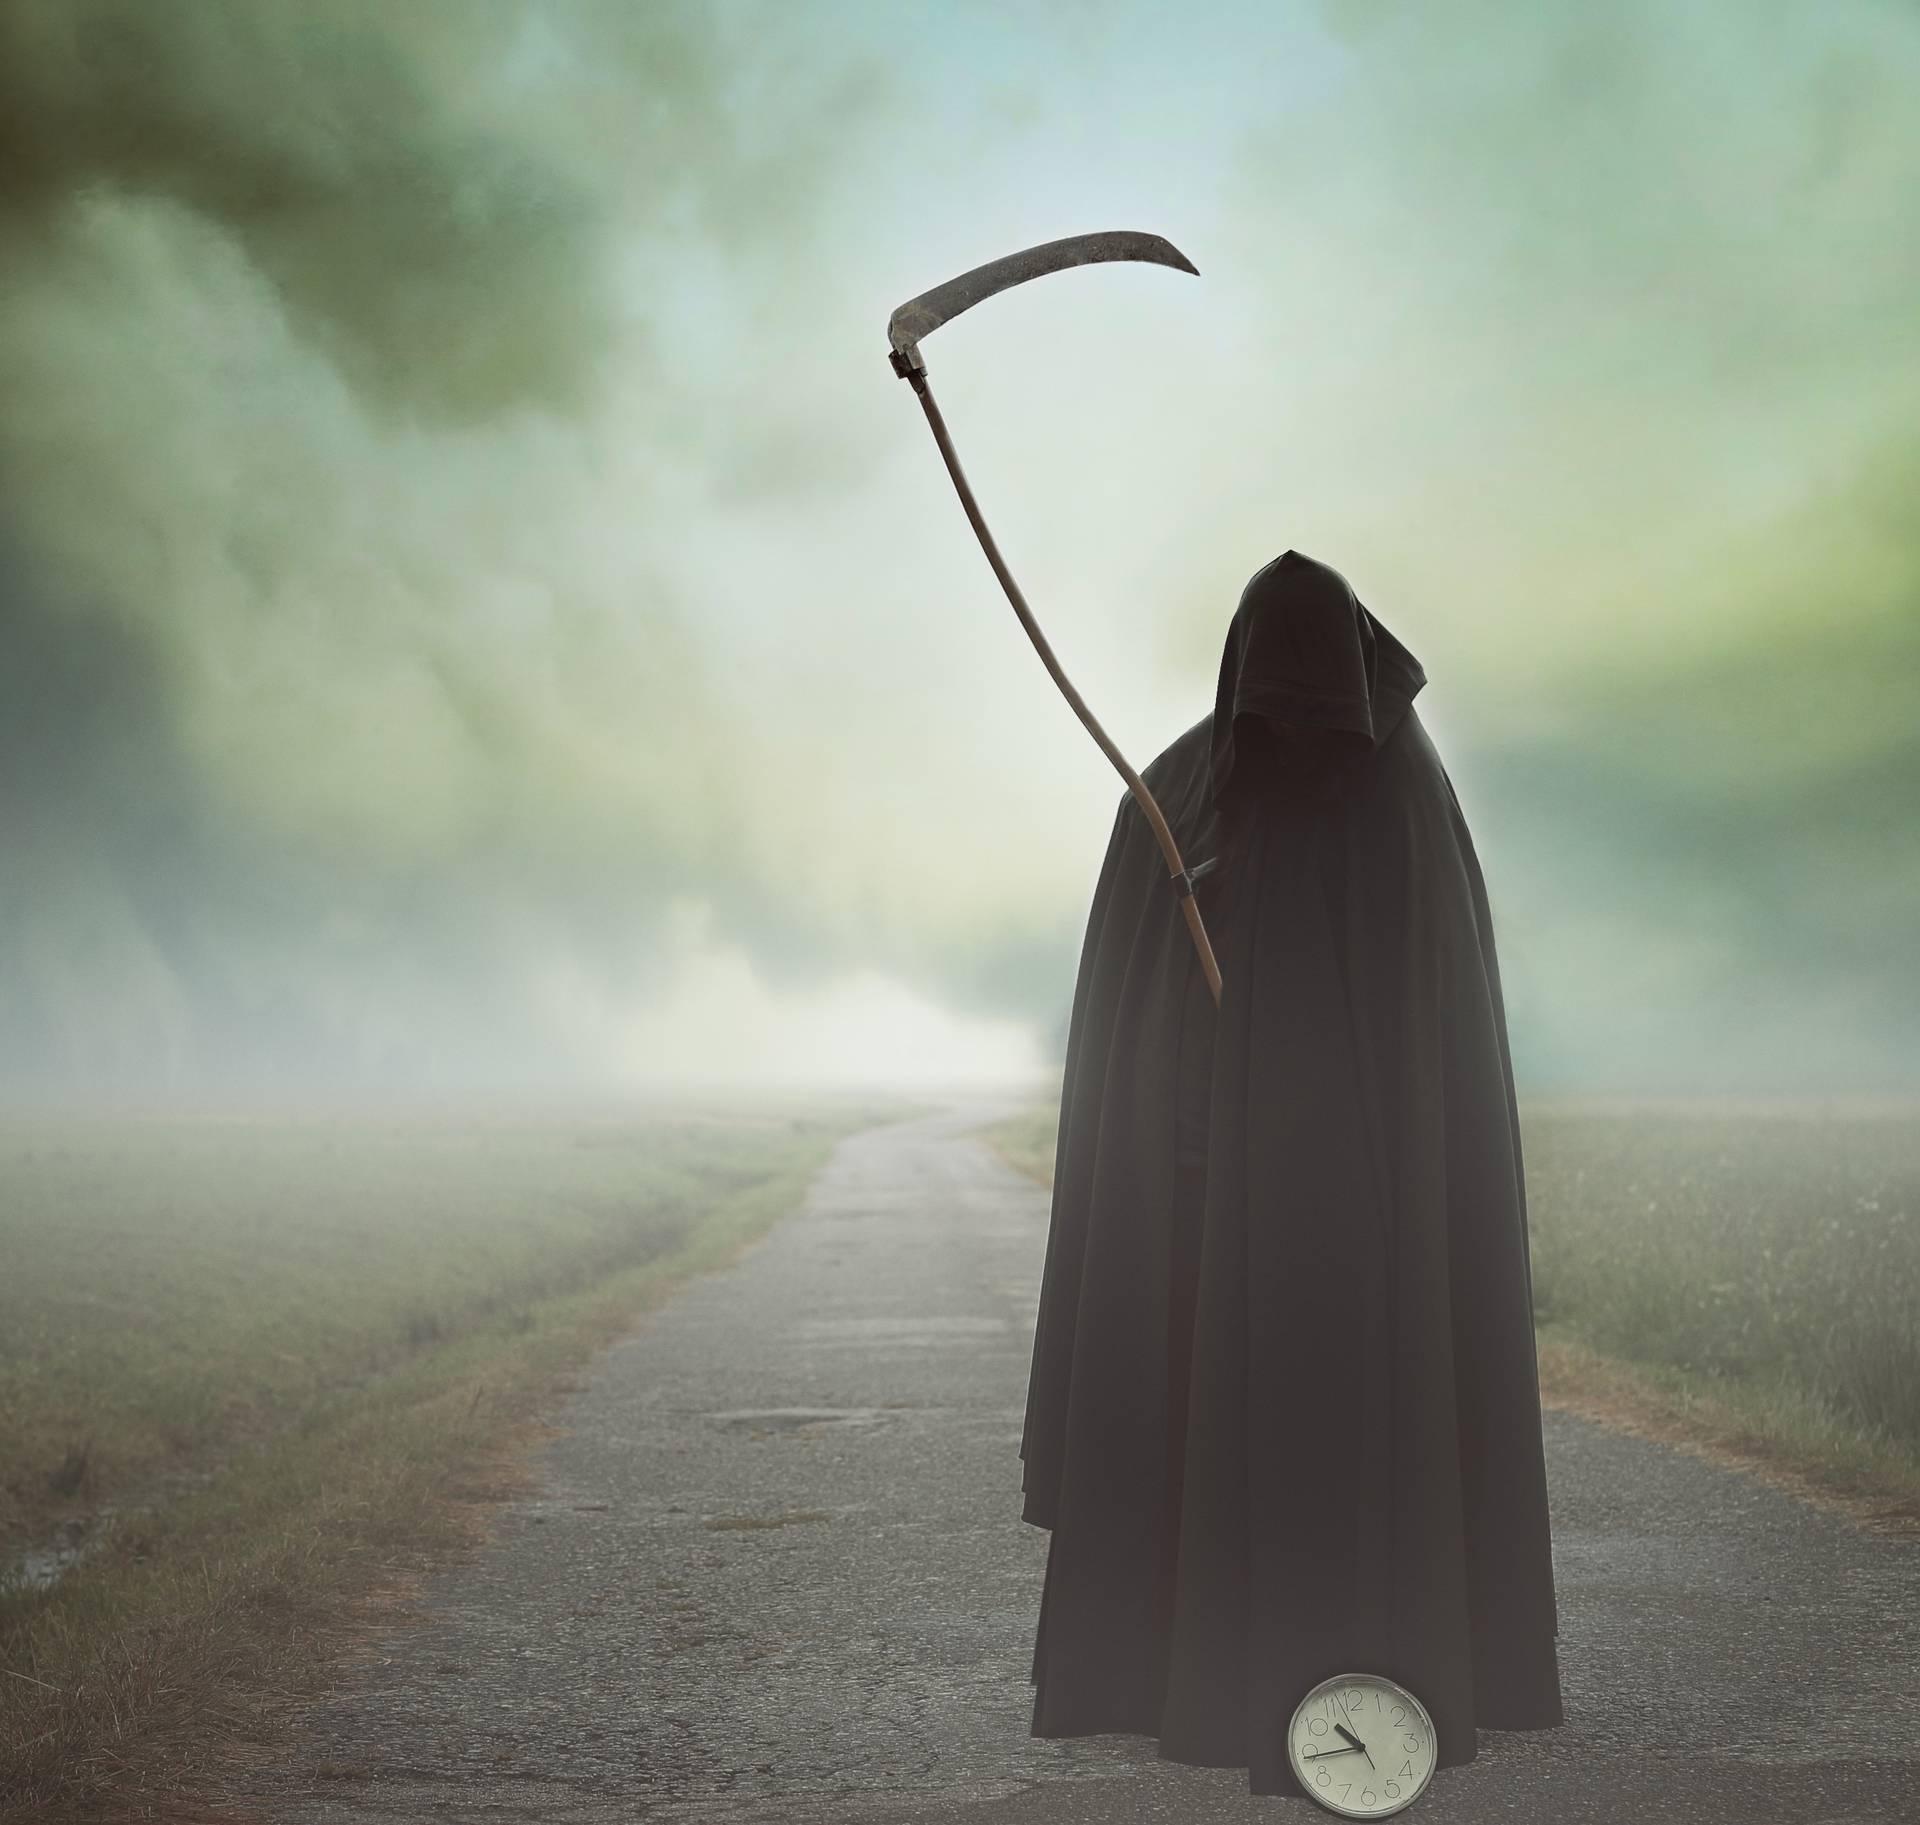 Misteriozni događaji: Je li čas smrti zapisan već kod rođenja?